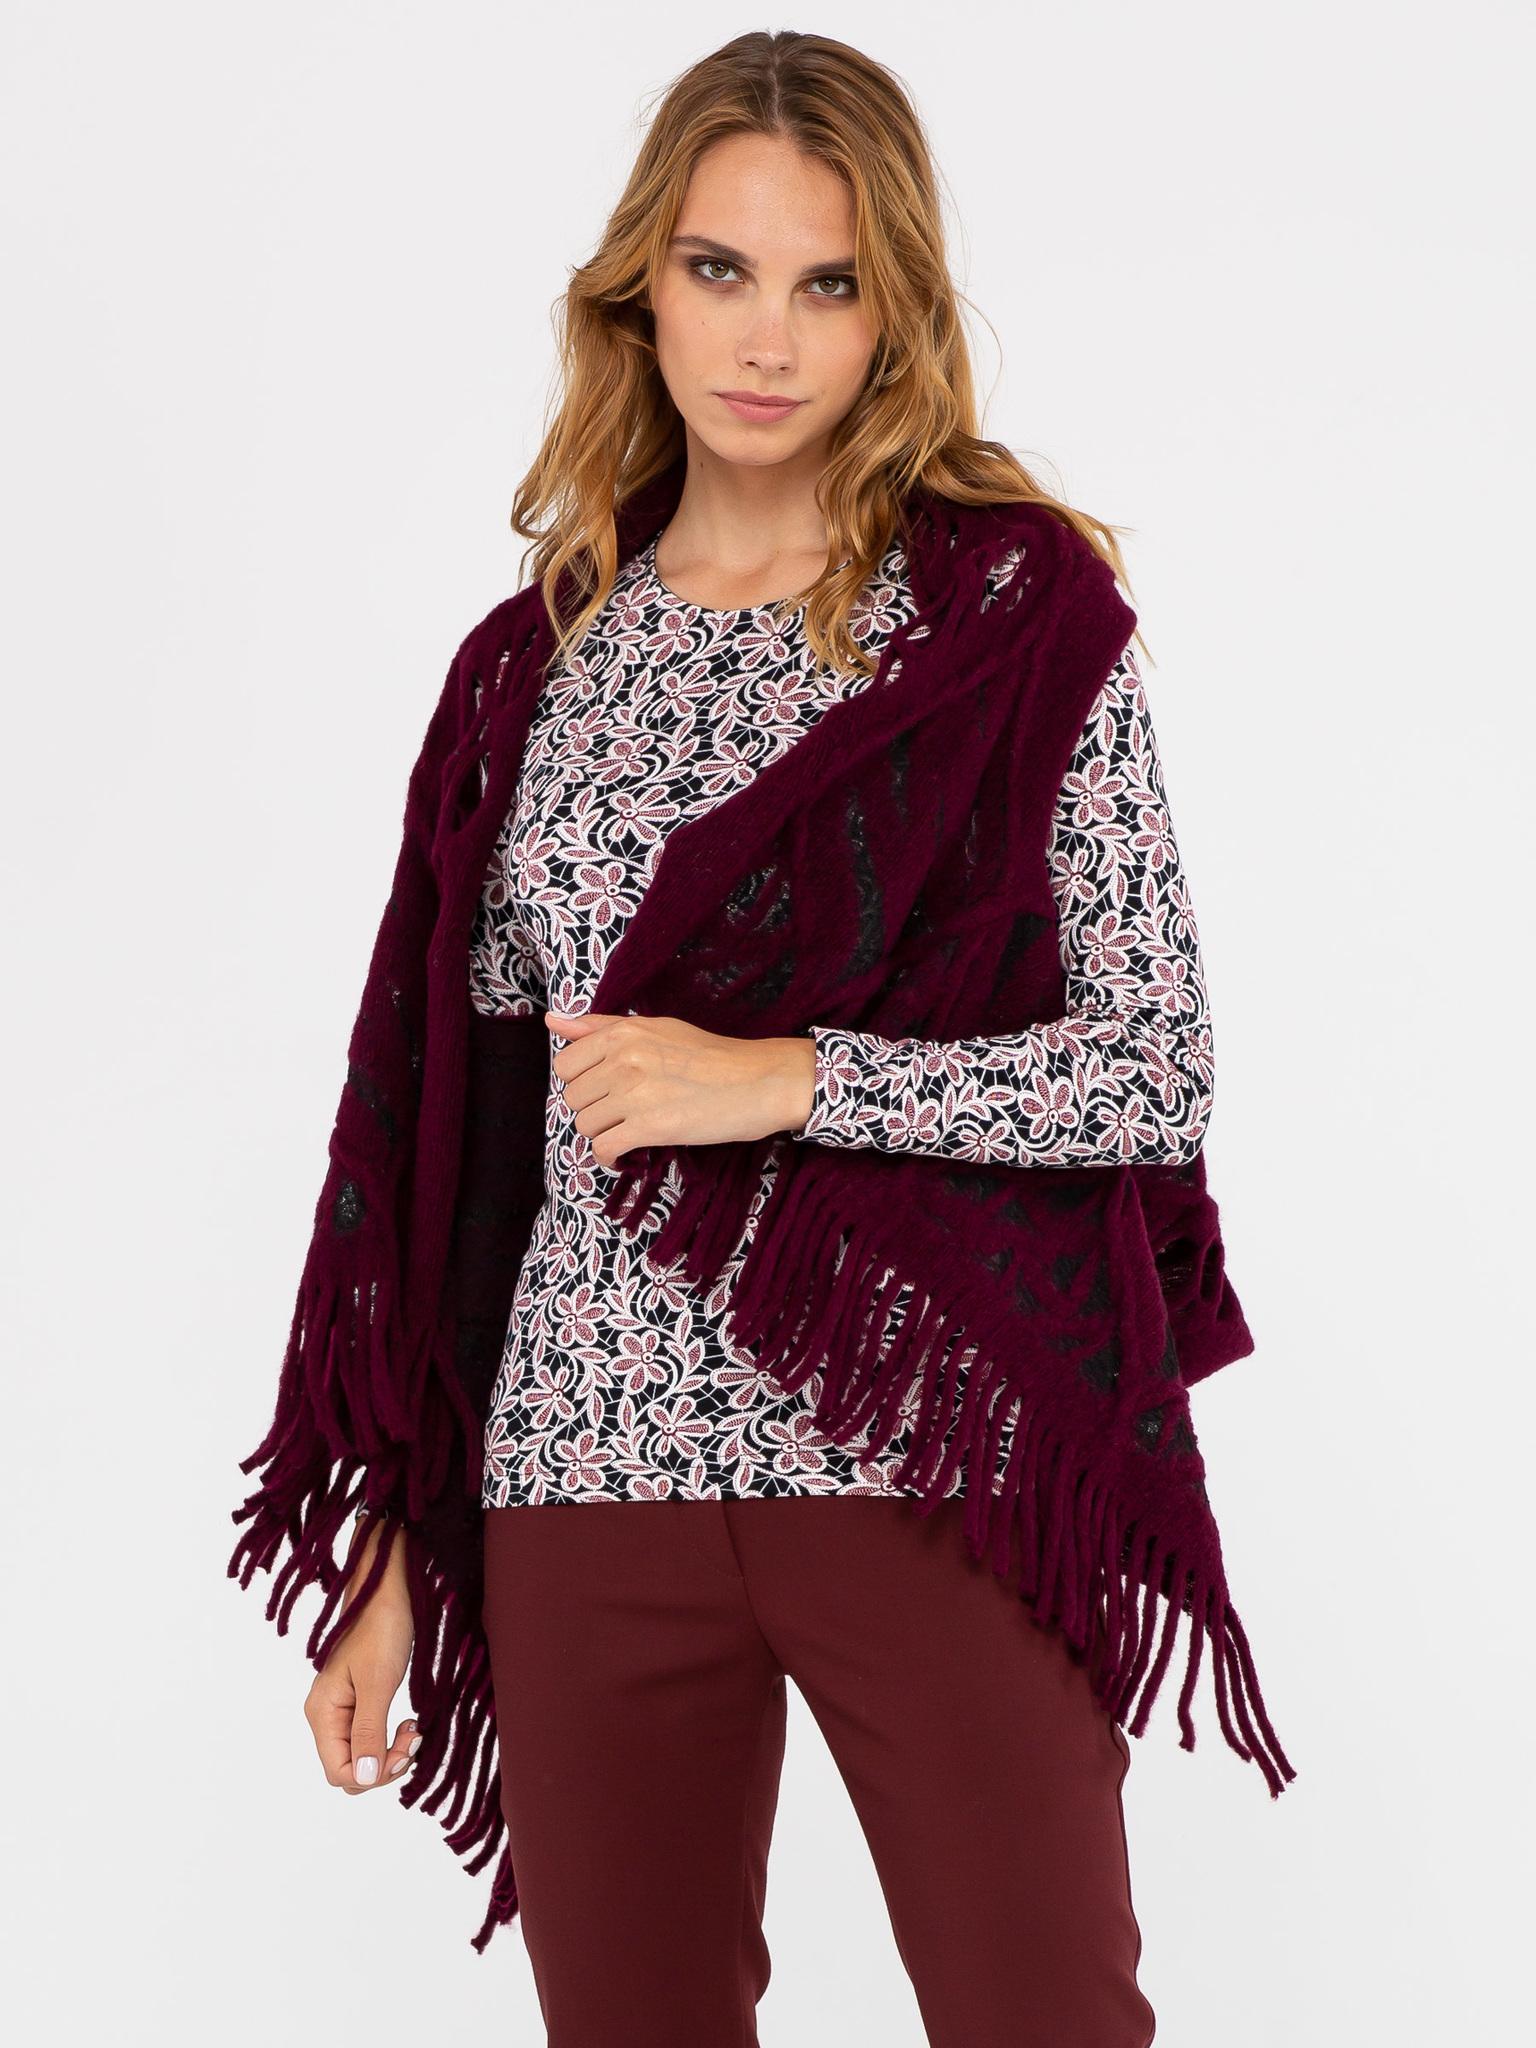 Жилет С044-623 - Изготовлен из фактурной ткани, имитирующей крупную вязку с отверстиями для рук. Универсальный жилет, предназначенный для ношения поверх платьев, блузок, джемперов, жакетов, и даже демисезонных пальто и курток. Универсальность жилета также заключается в том, что он подходит для женщин с 42-го по 48-ой размер, независимо от роста и типа фигуры. Жилет можно застегнуть на декоративную булавку или брошь, подпоясать ремнем\поясом. Также можно использовать завязки на концах жилета. Жилет можно использовать и как оригинальный шарф или снуд. Подобный аксессуар только украсит ваш образ.